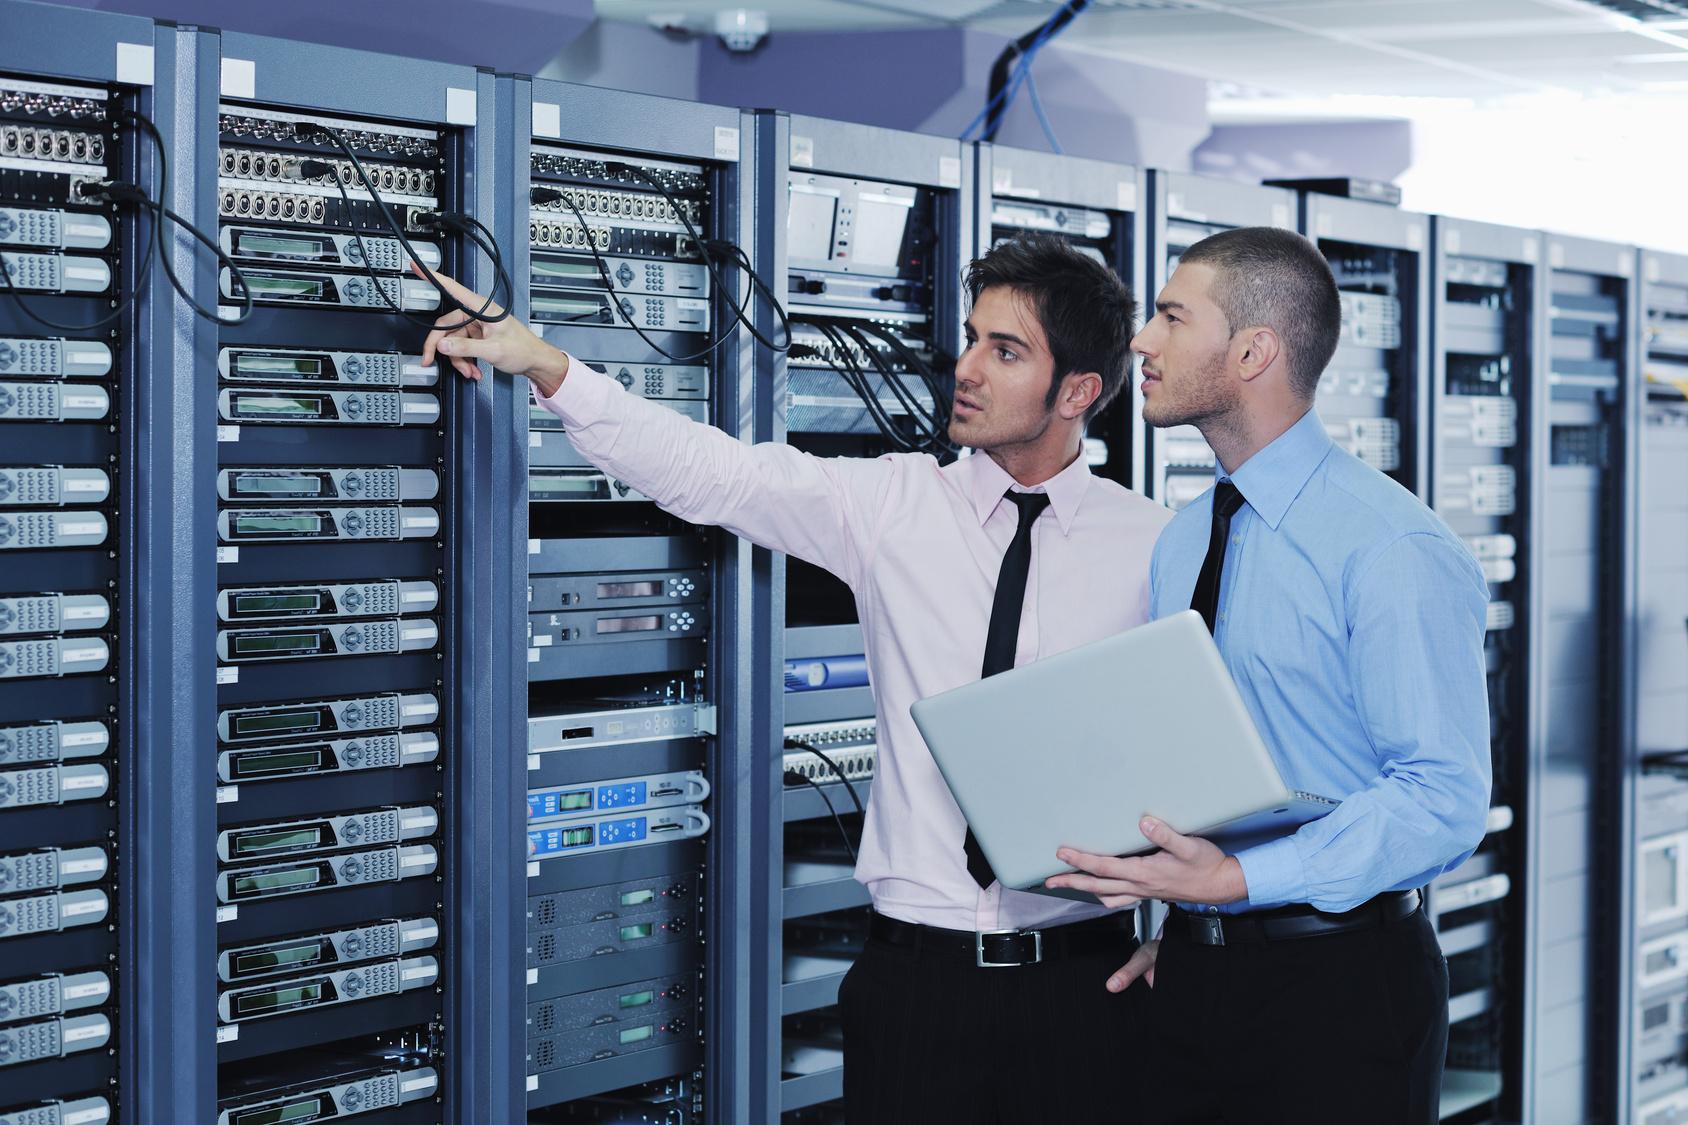 Эксперты проверят условиях защиты серверов и другого оборудования, где хранятся персональные данные, служебная или иная охраняемая информация.